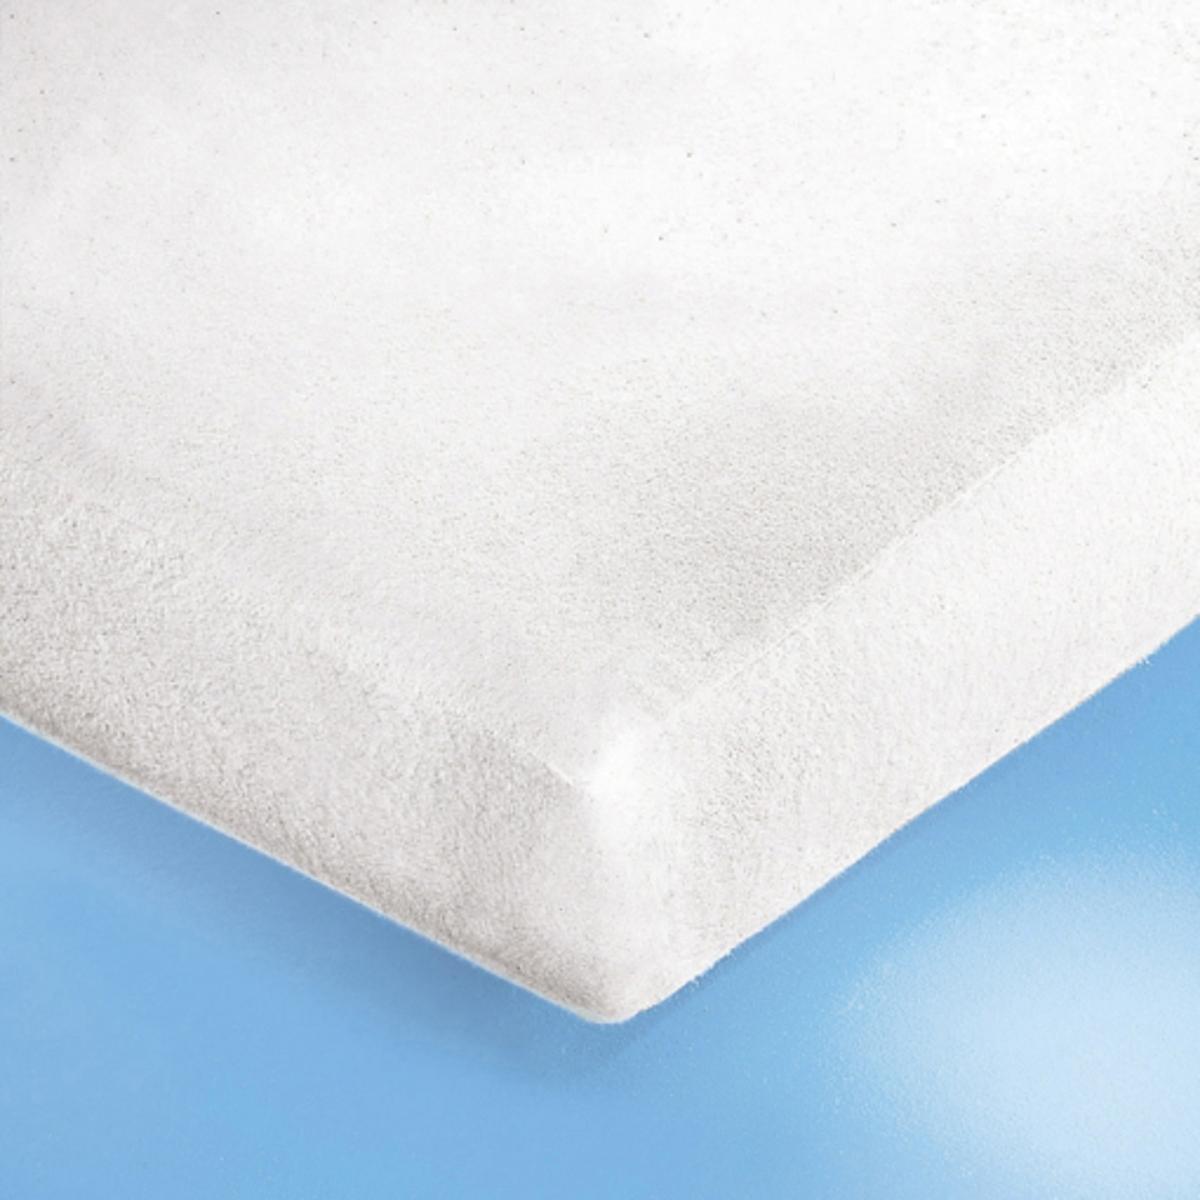 Чехол защитный для матраса из непромокаемого мольтона SANFOR с обработкой Passerelle®Защитный чехол для матраса из мольтона с полиуретановой пропиткой, 190 г/м2. Клапаны из эластичного джерси (высота. 27 см). Машинная стирка при 60 °С.<br><br>Цвет: белый